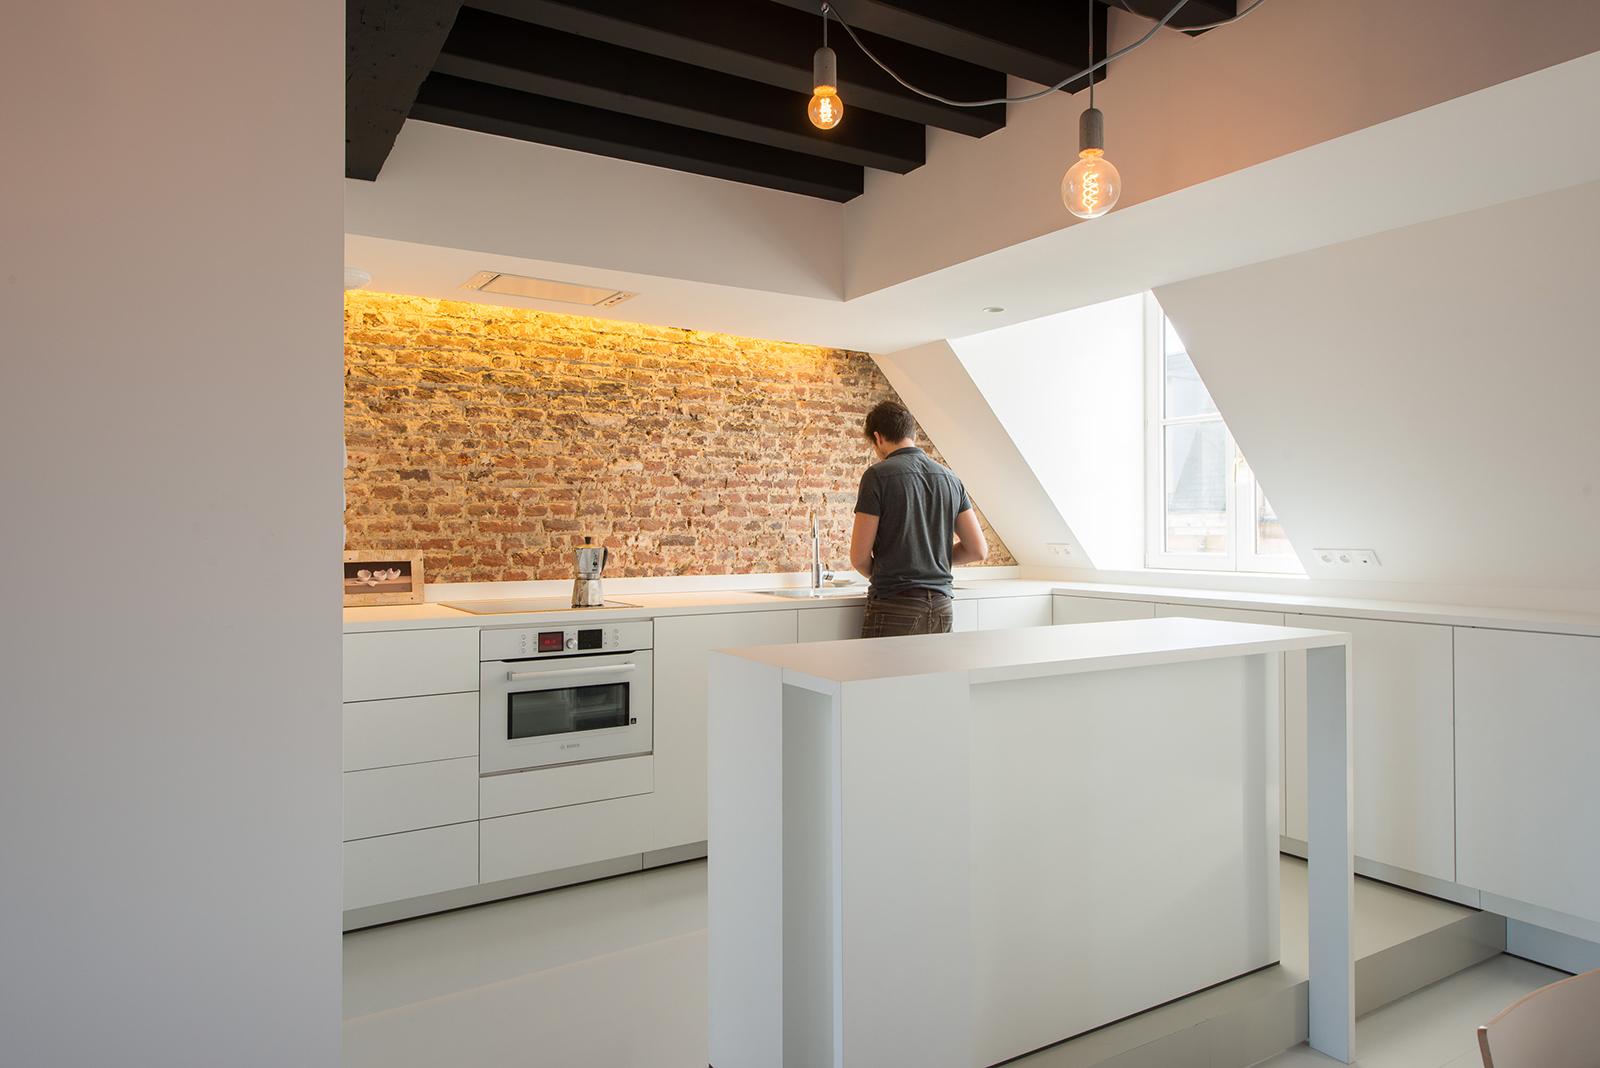 Appartement Sous Combles Comment Crer Une Cuisine Ou Un